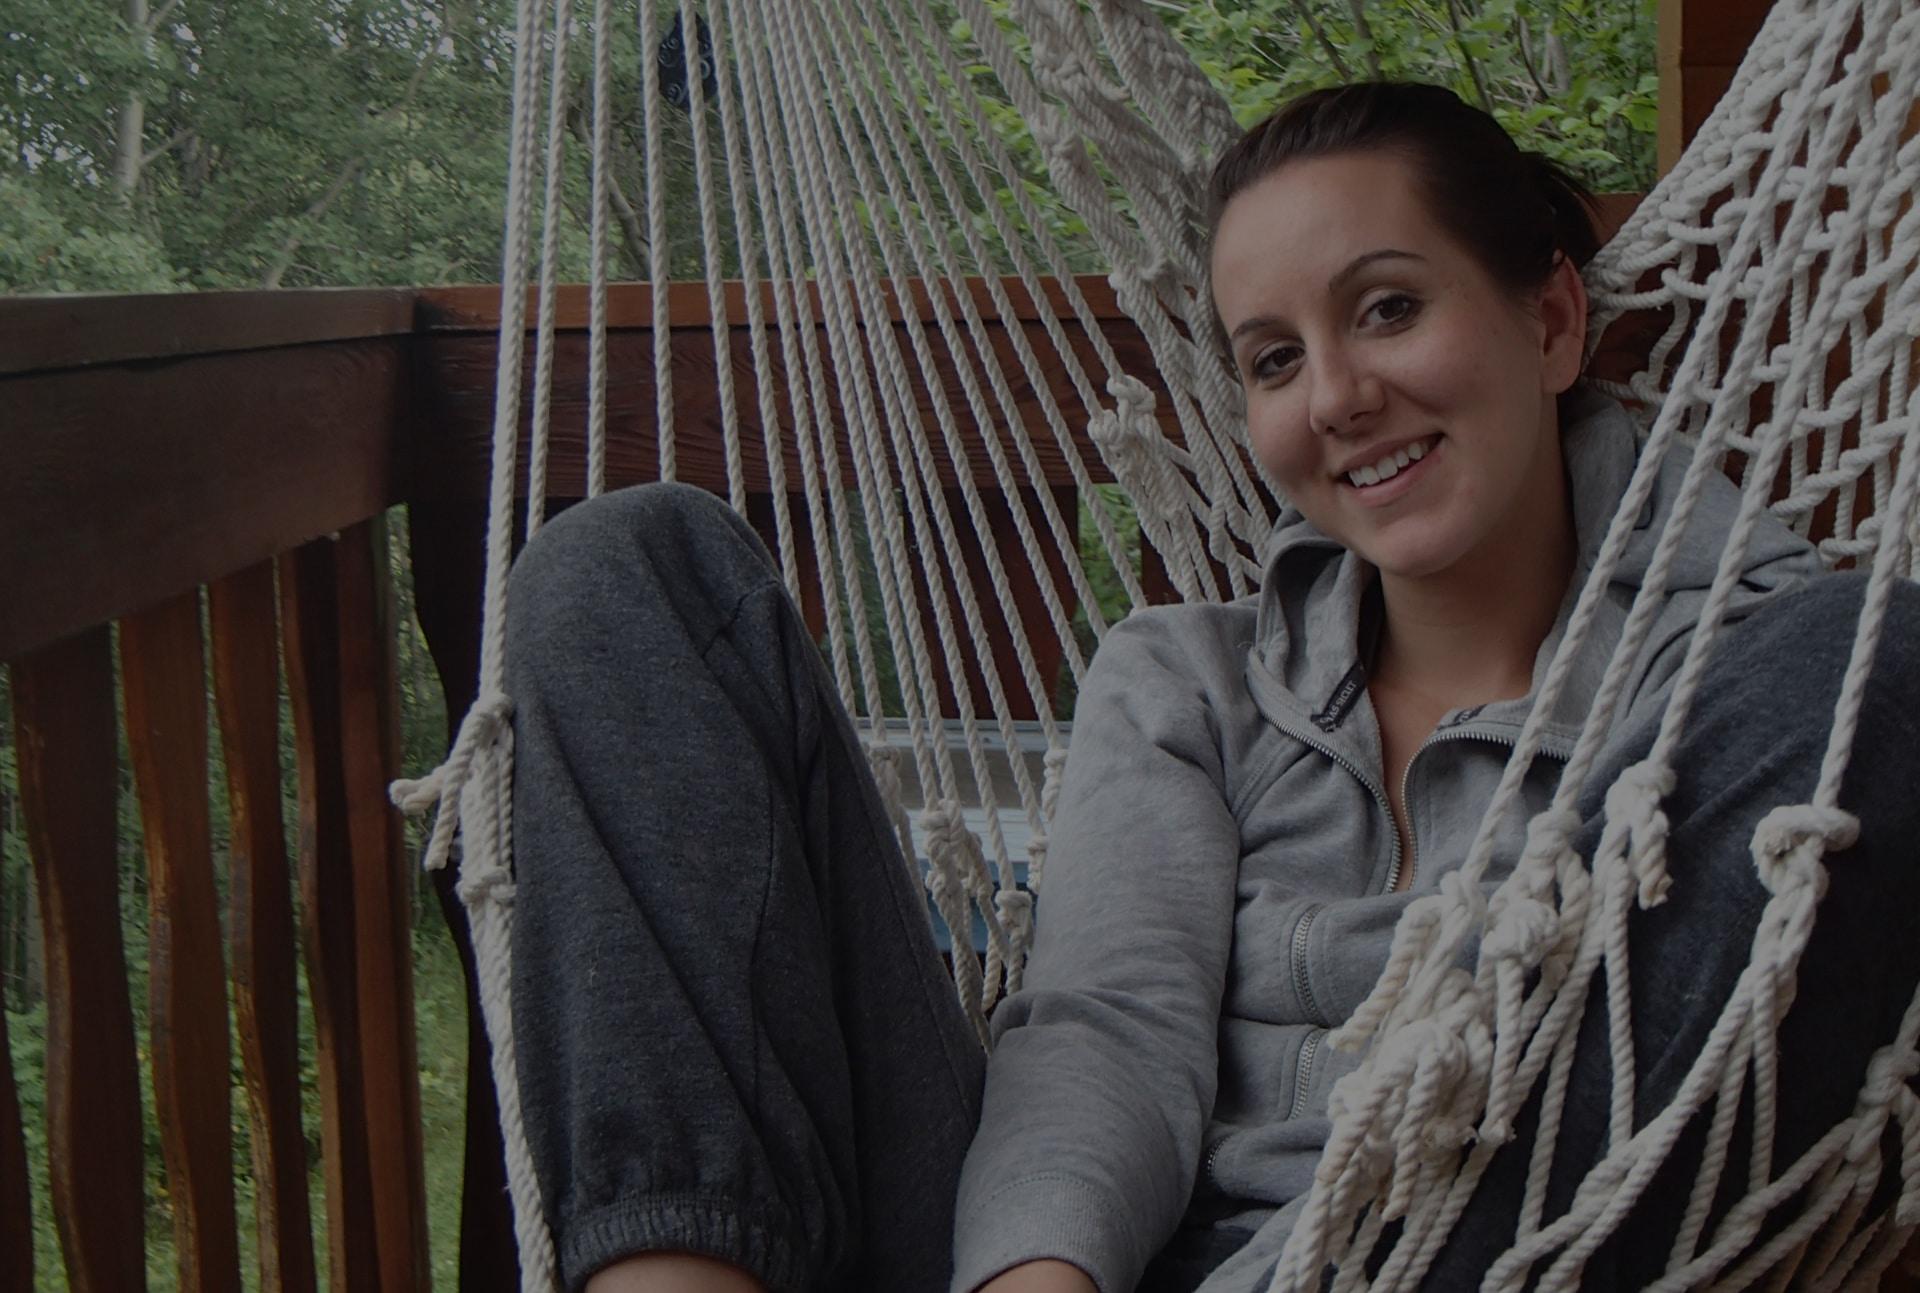 Renee in hammock